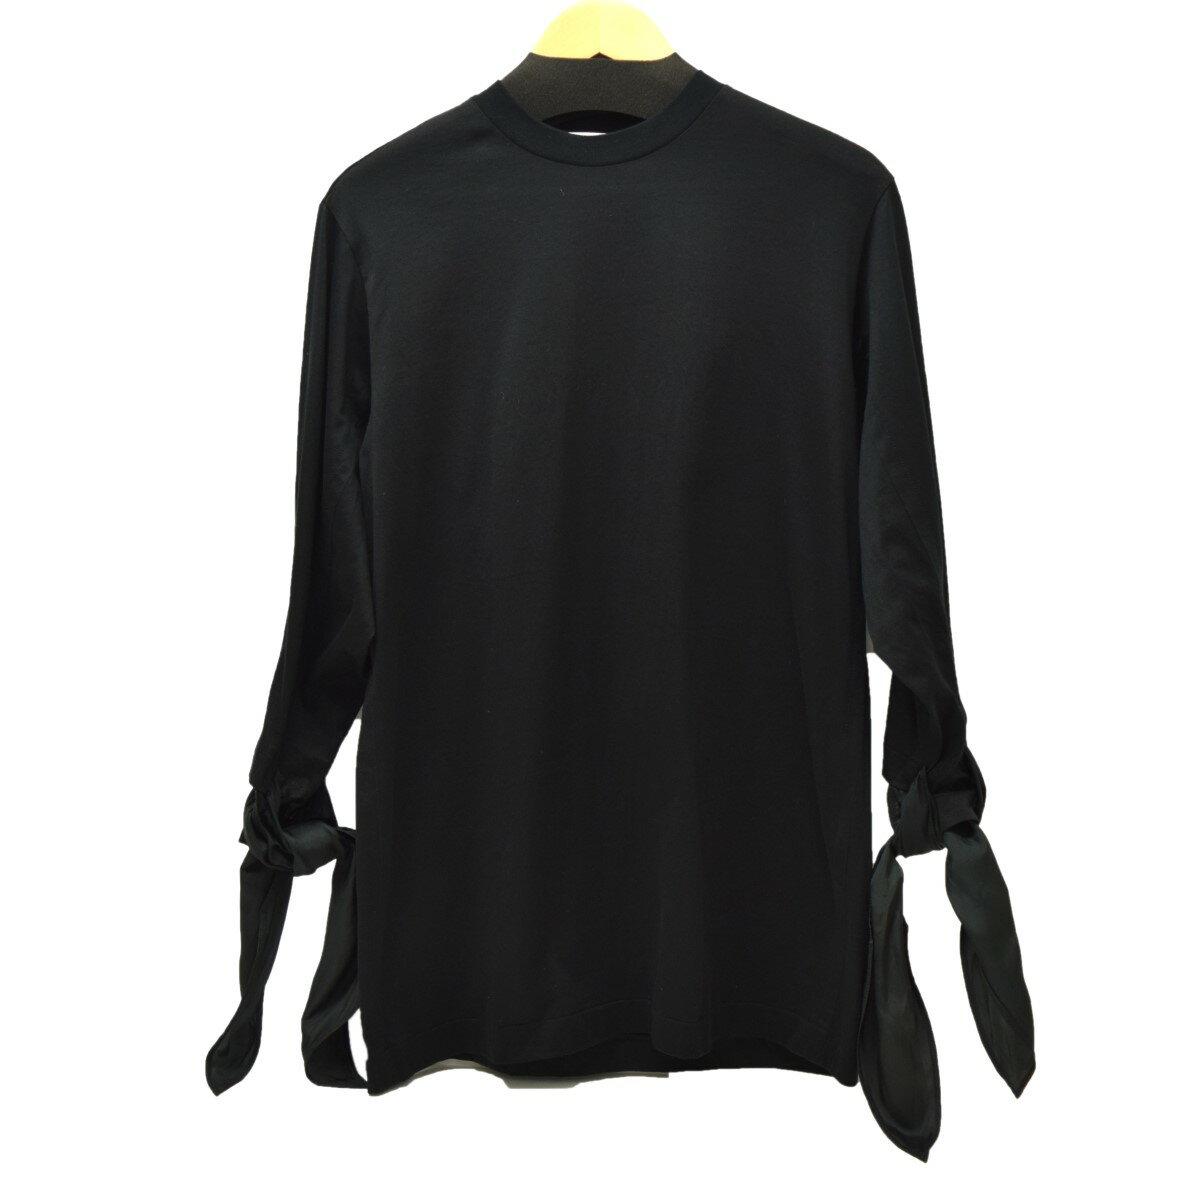 トップス, Tシャツ・カットソー TOGA PULLA T 38 170921